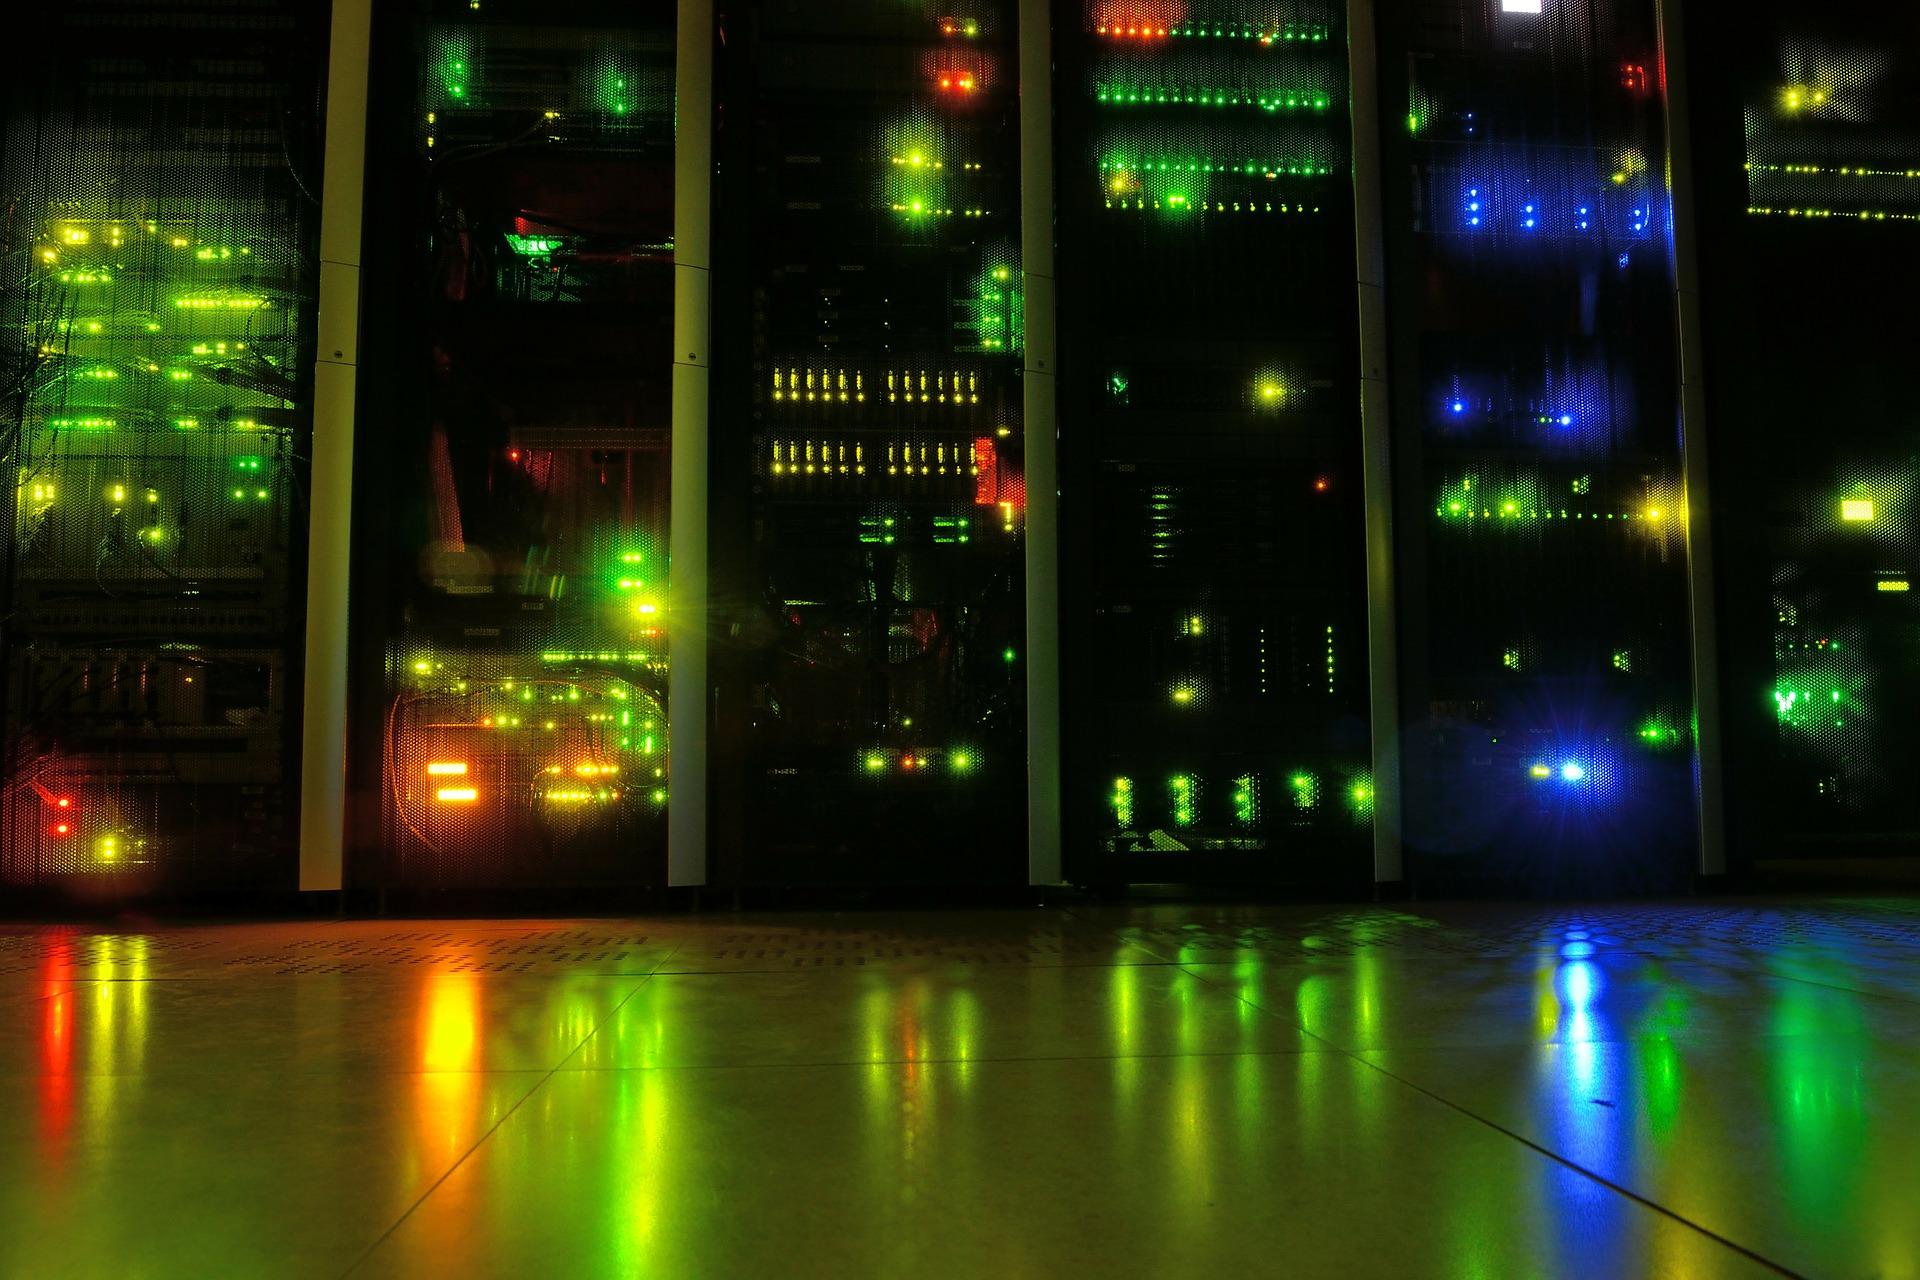 Server room representation